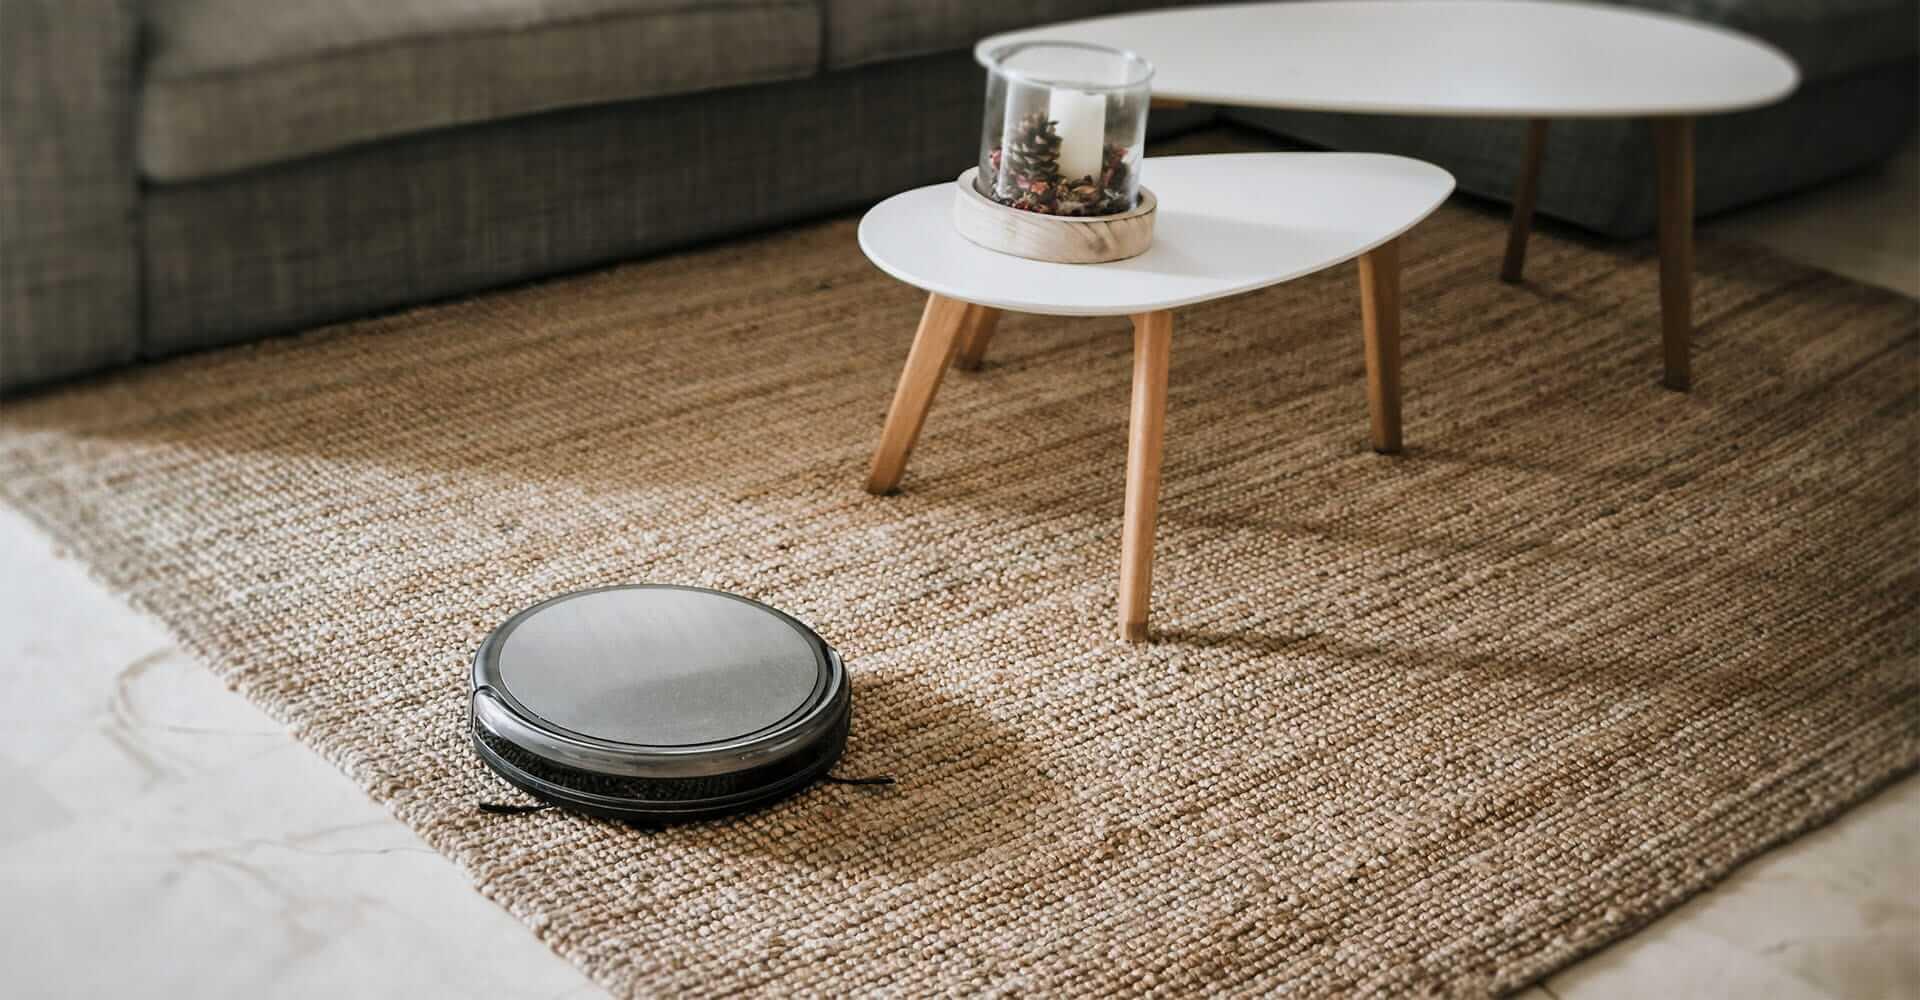 Staubsauger-Roboter auf Teppich